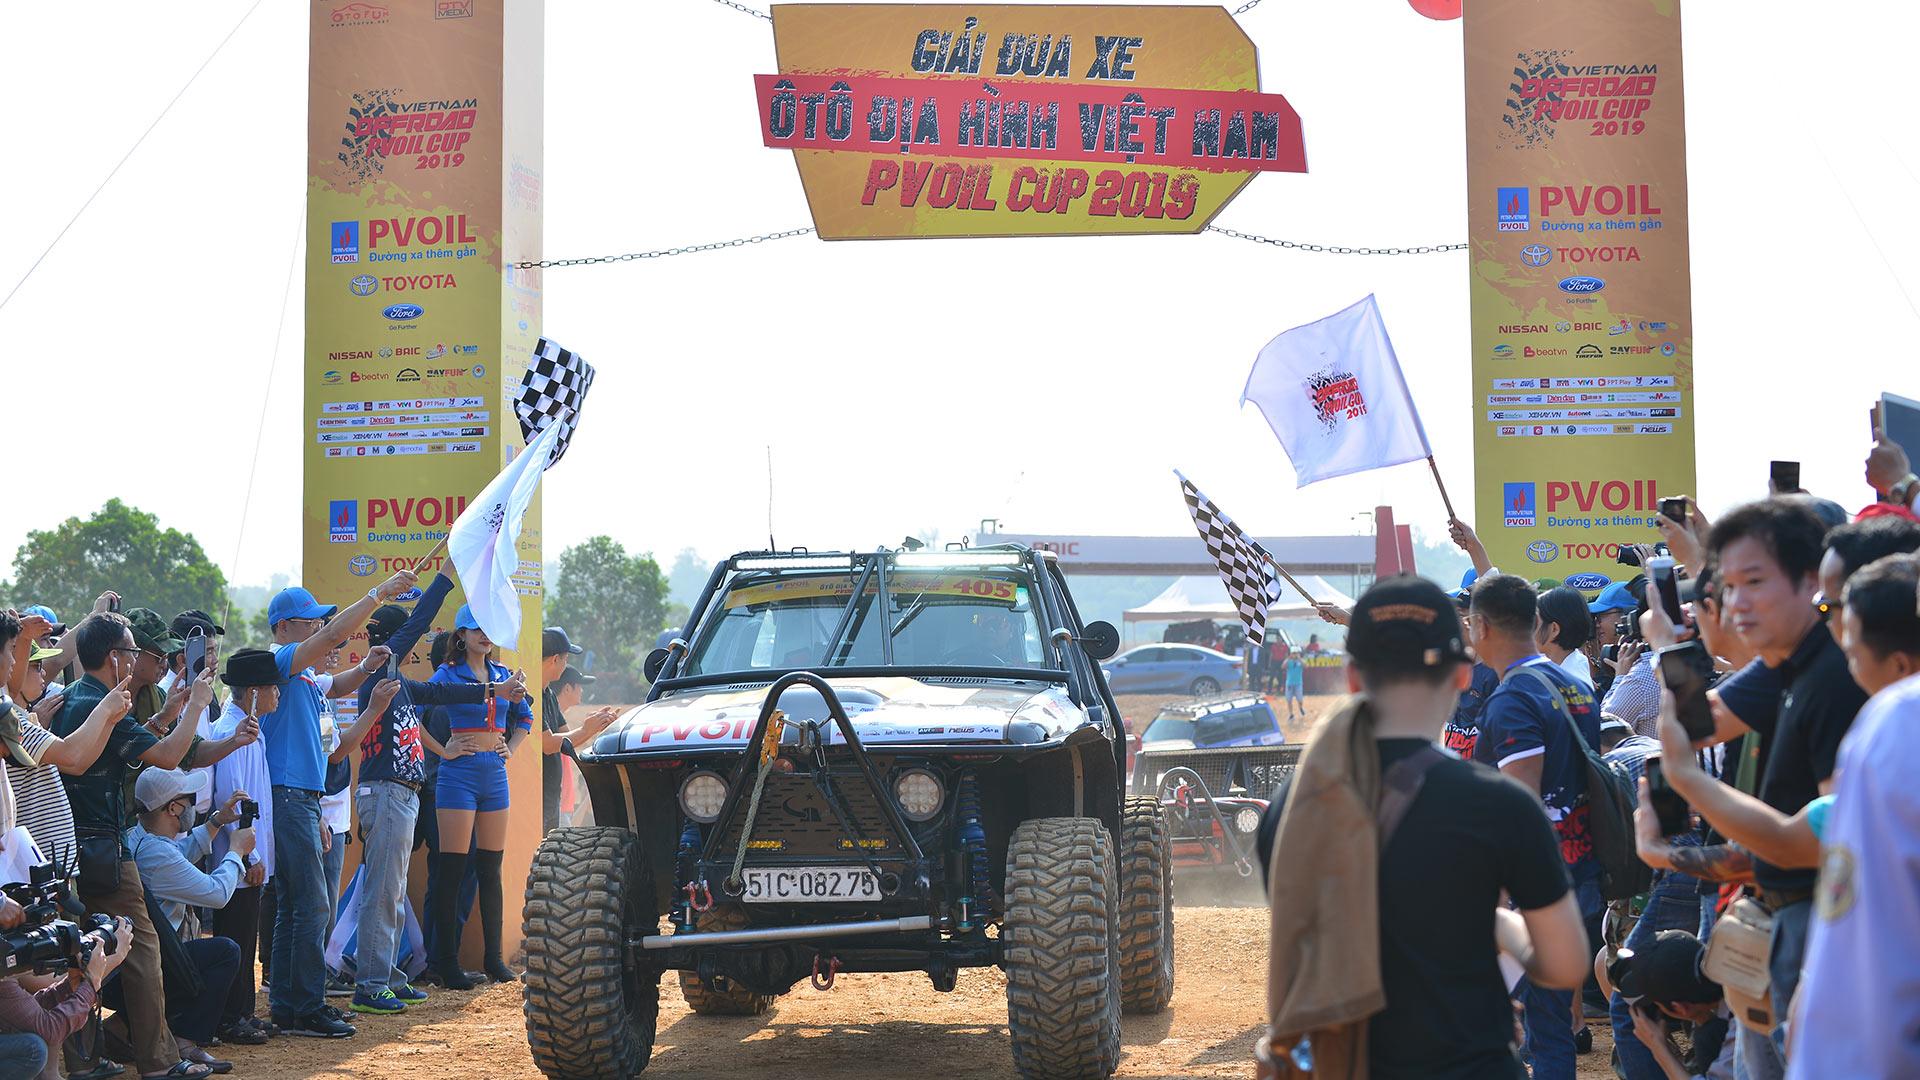 Giải đua xe off-road lớn nhất Việt Nam PVOIL VOC 2019 chính thức khởi tranh